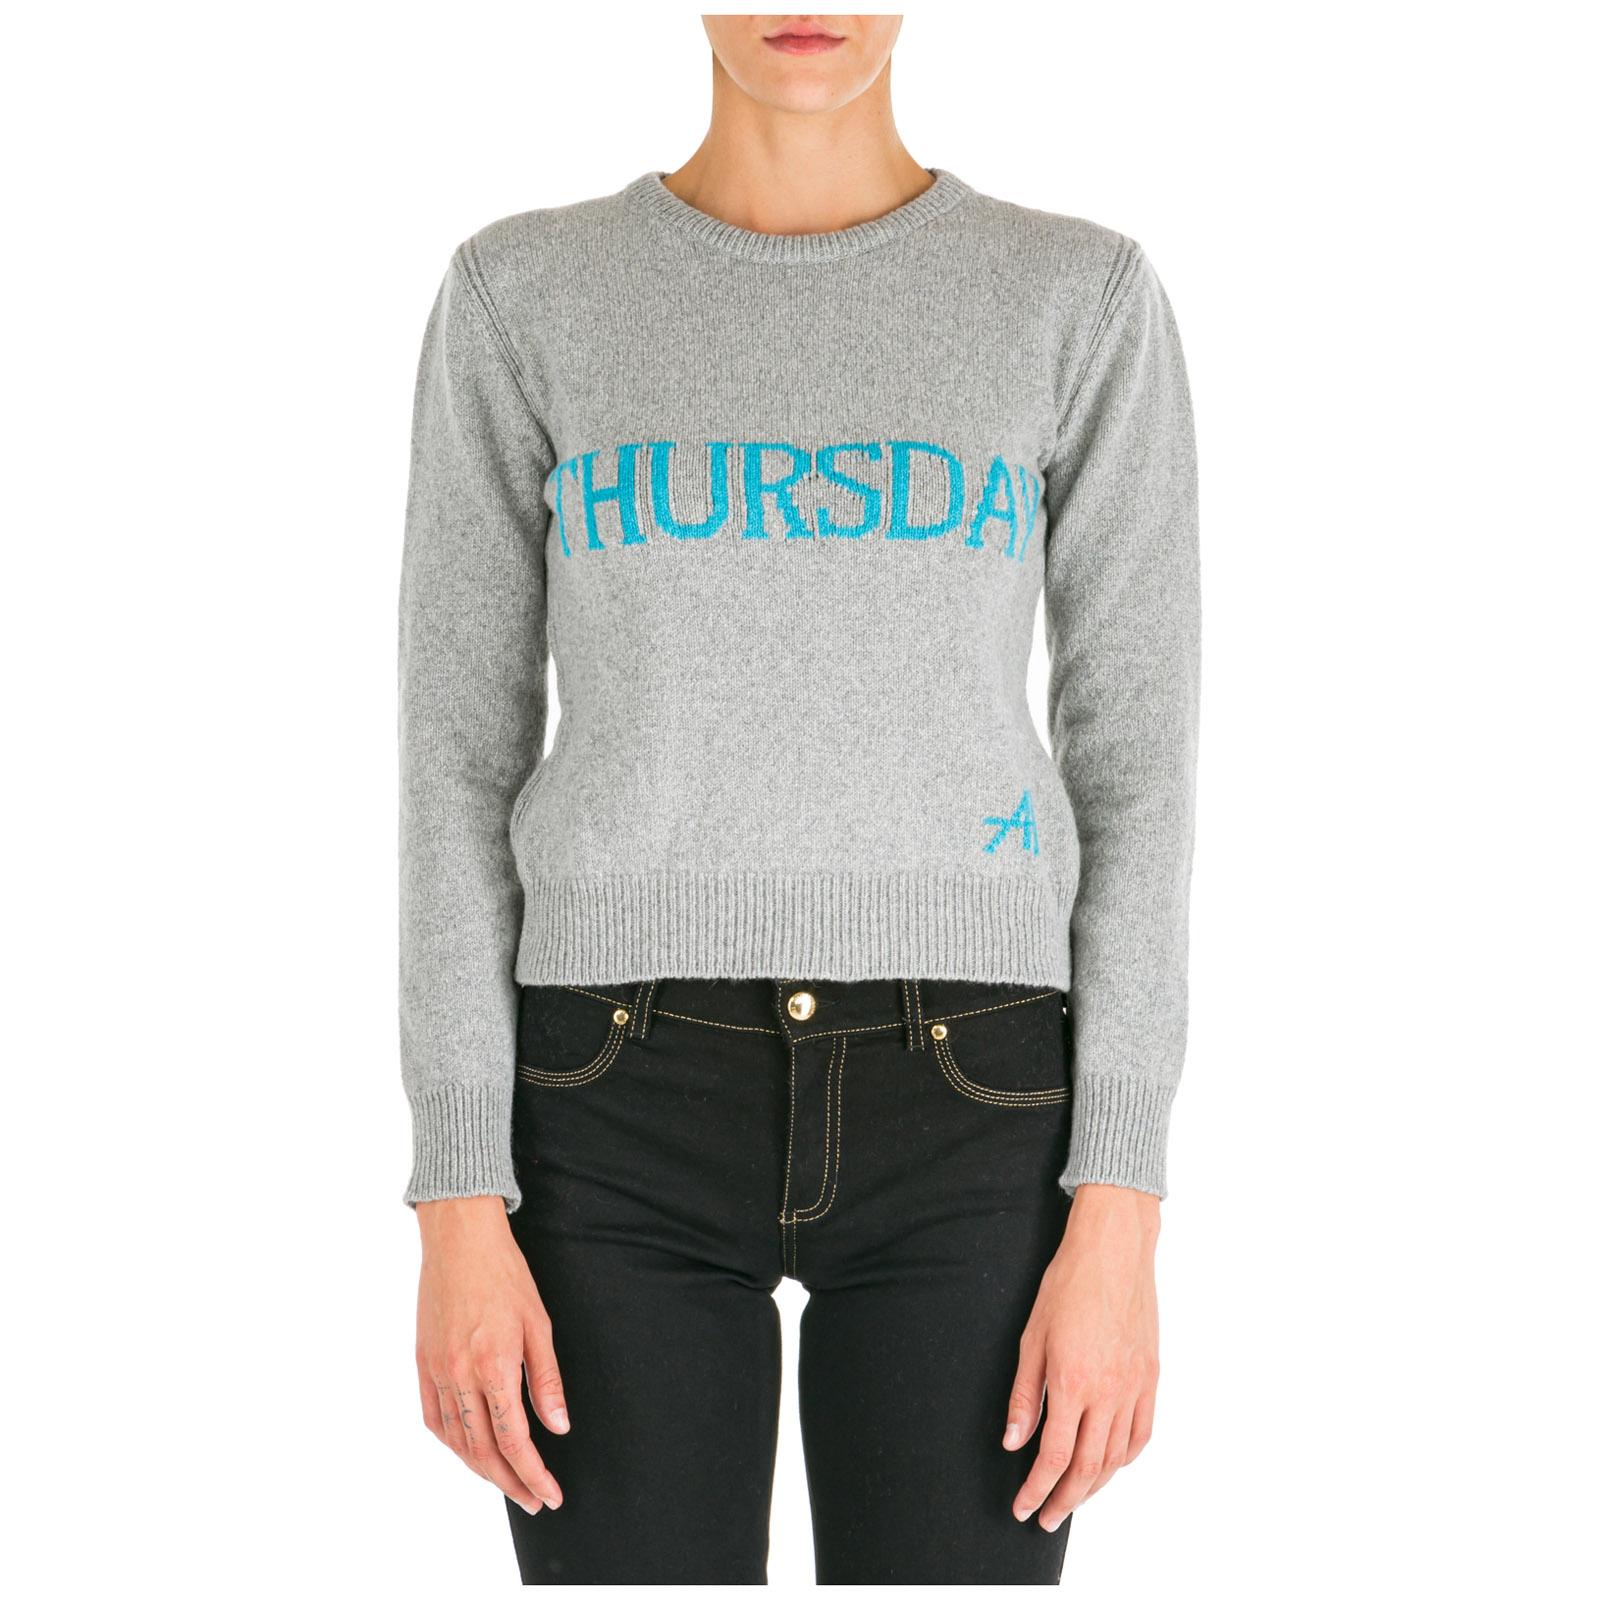 Women's jumper sweater crew neck round rainbow week thursday